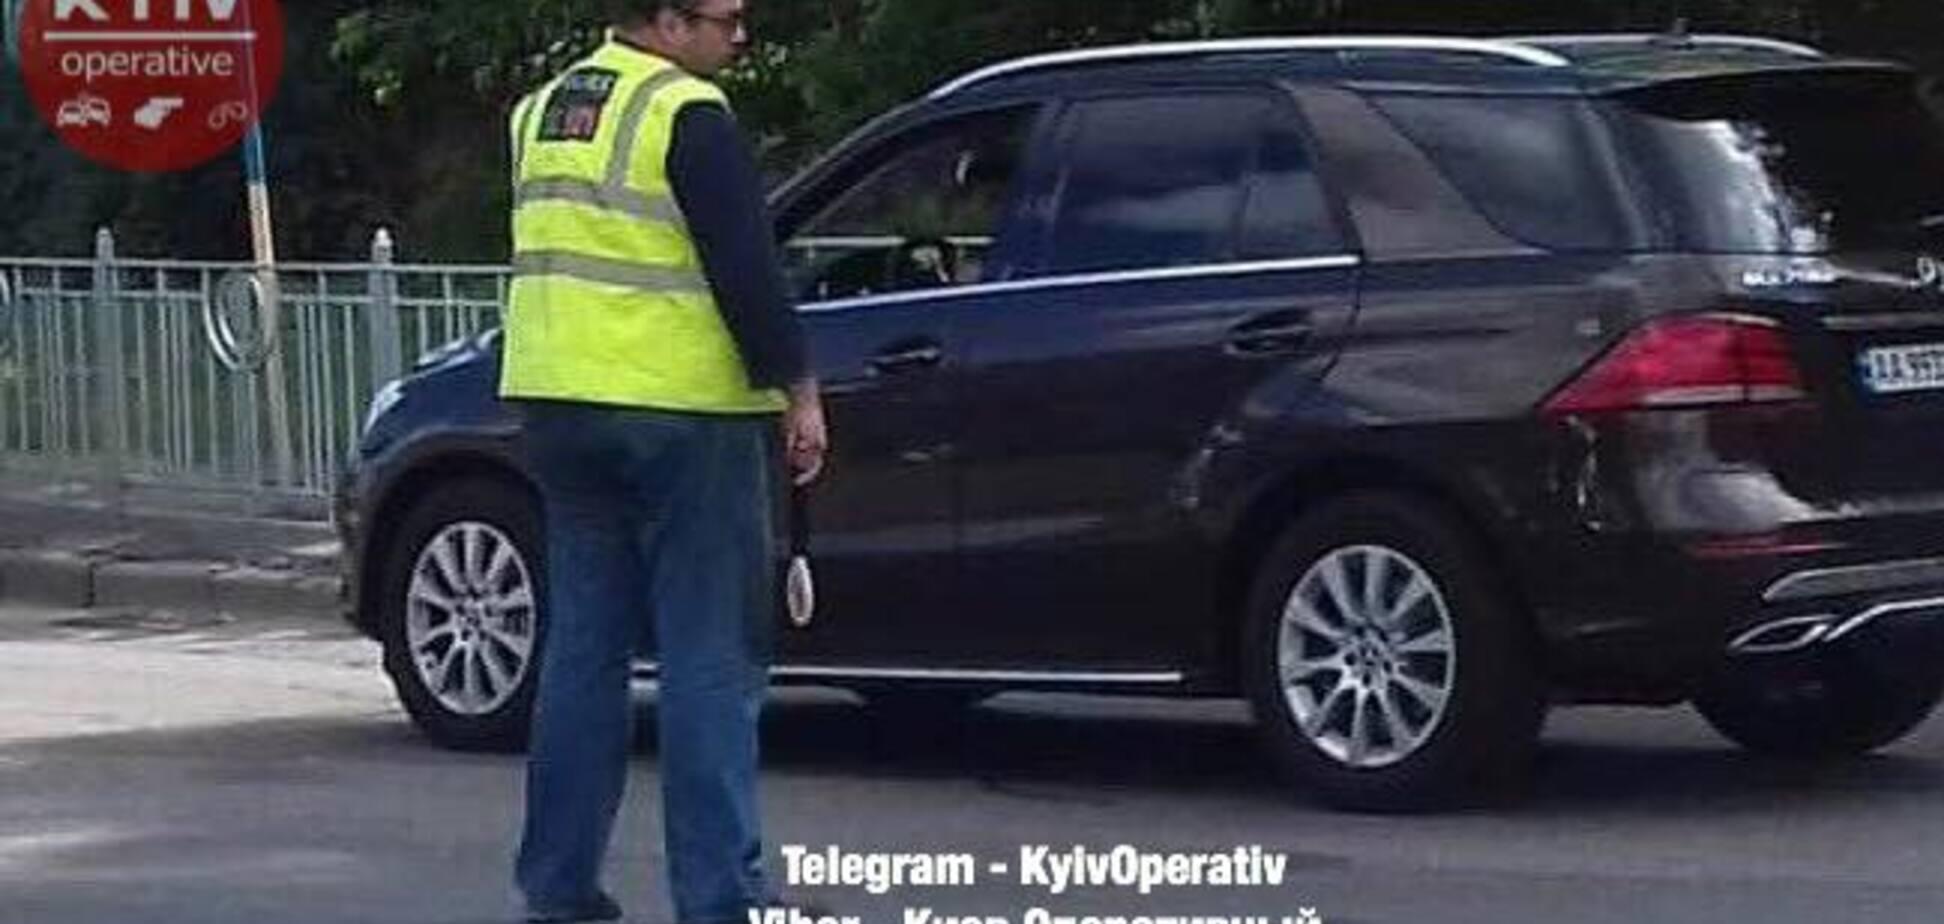 Регулировал 'дружаня': в Киеве полиция угодила в скандал на месте ДТП